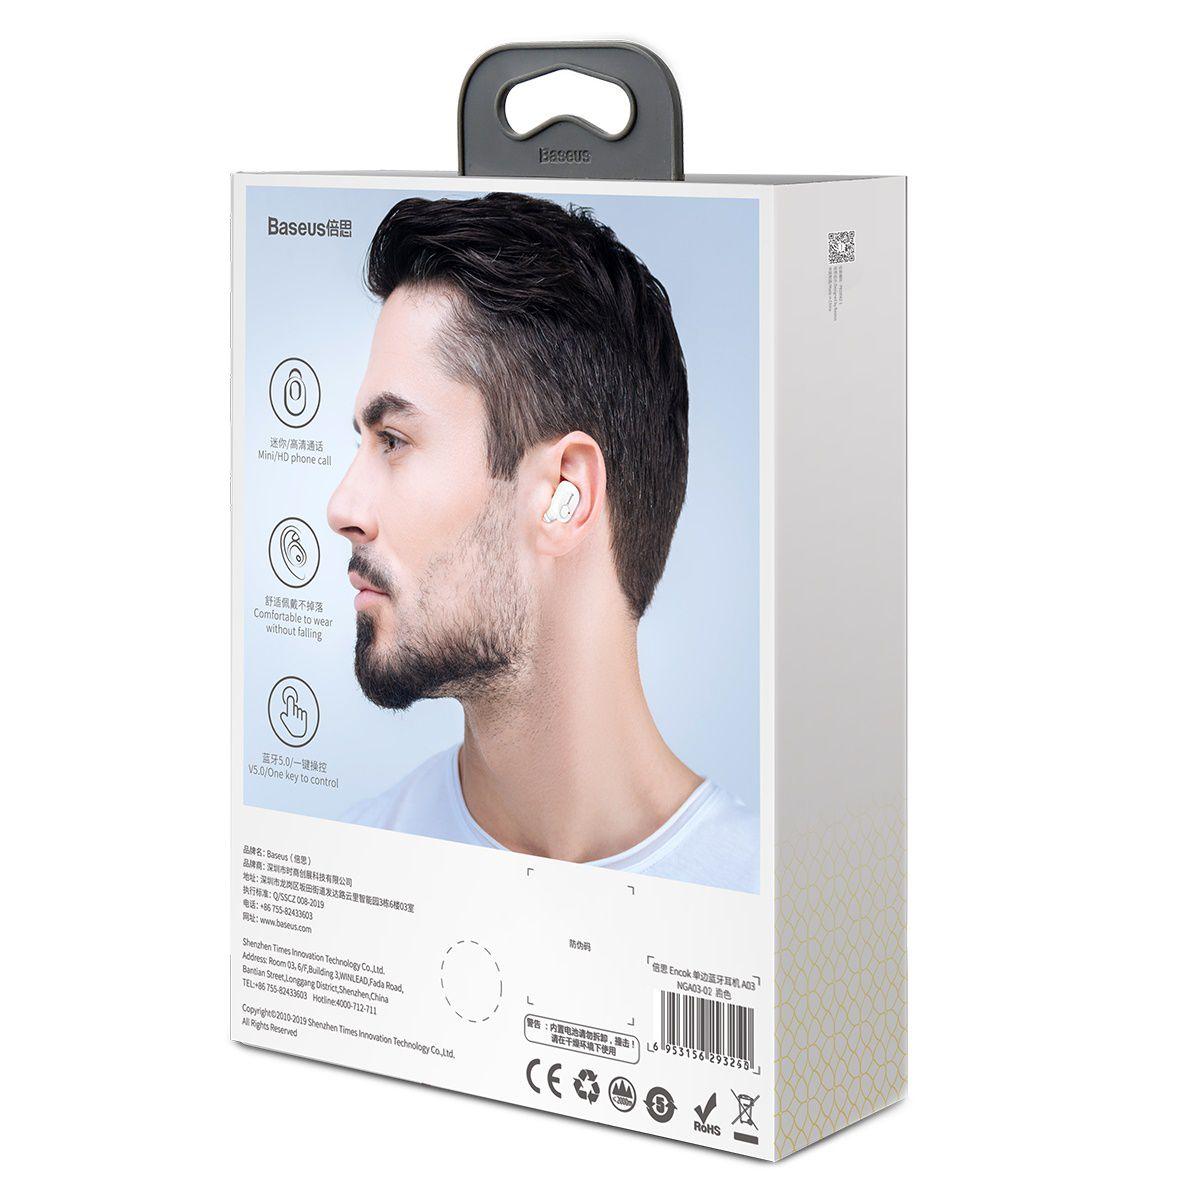 Fone de Ouvido Bluetooth Baseus Encok A03